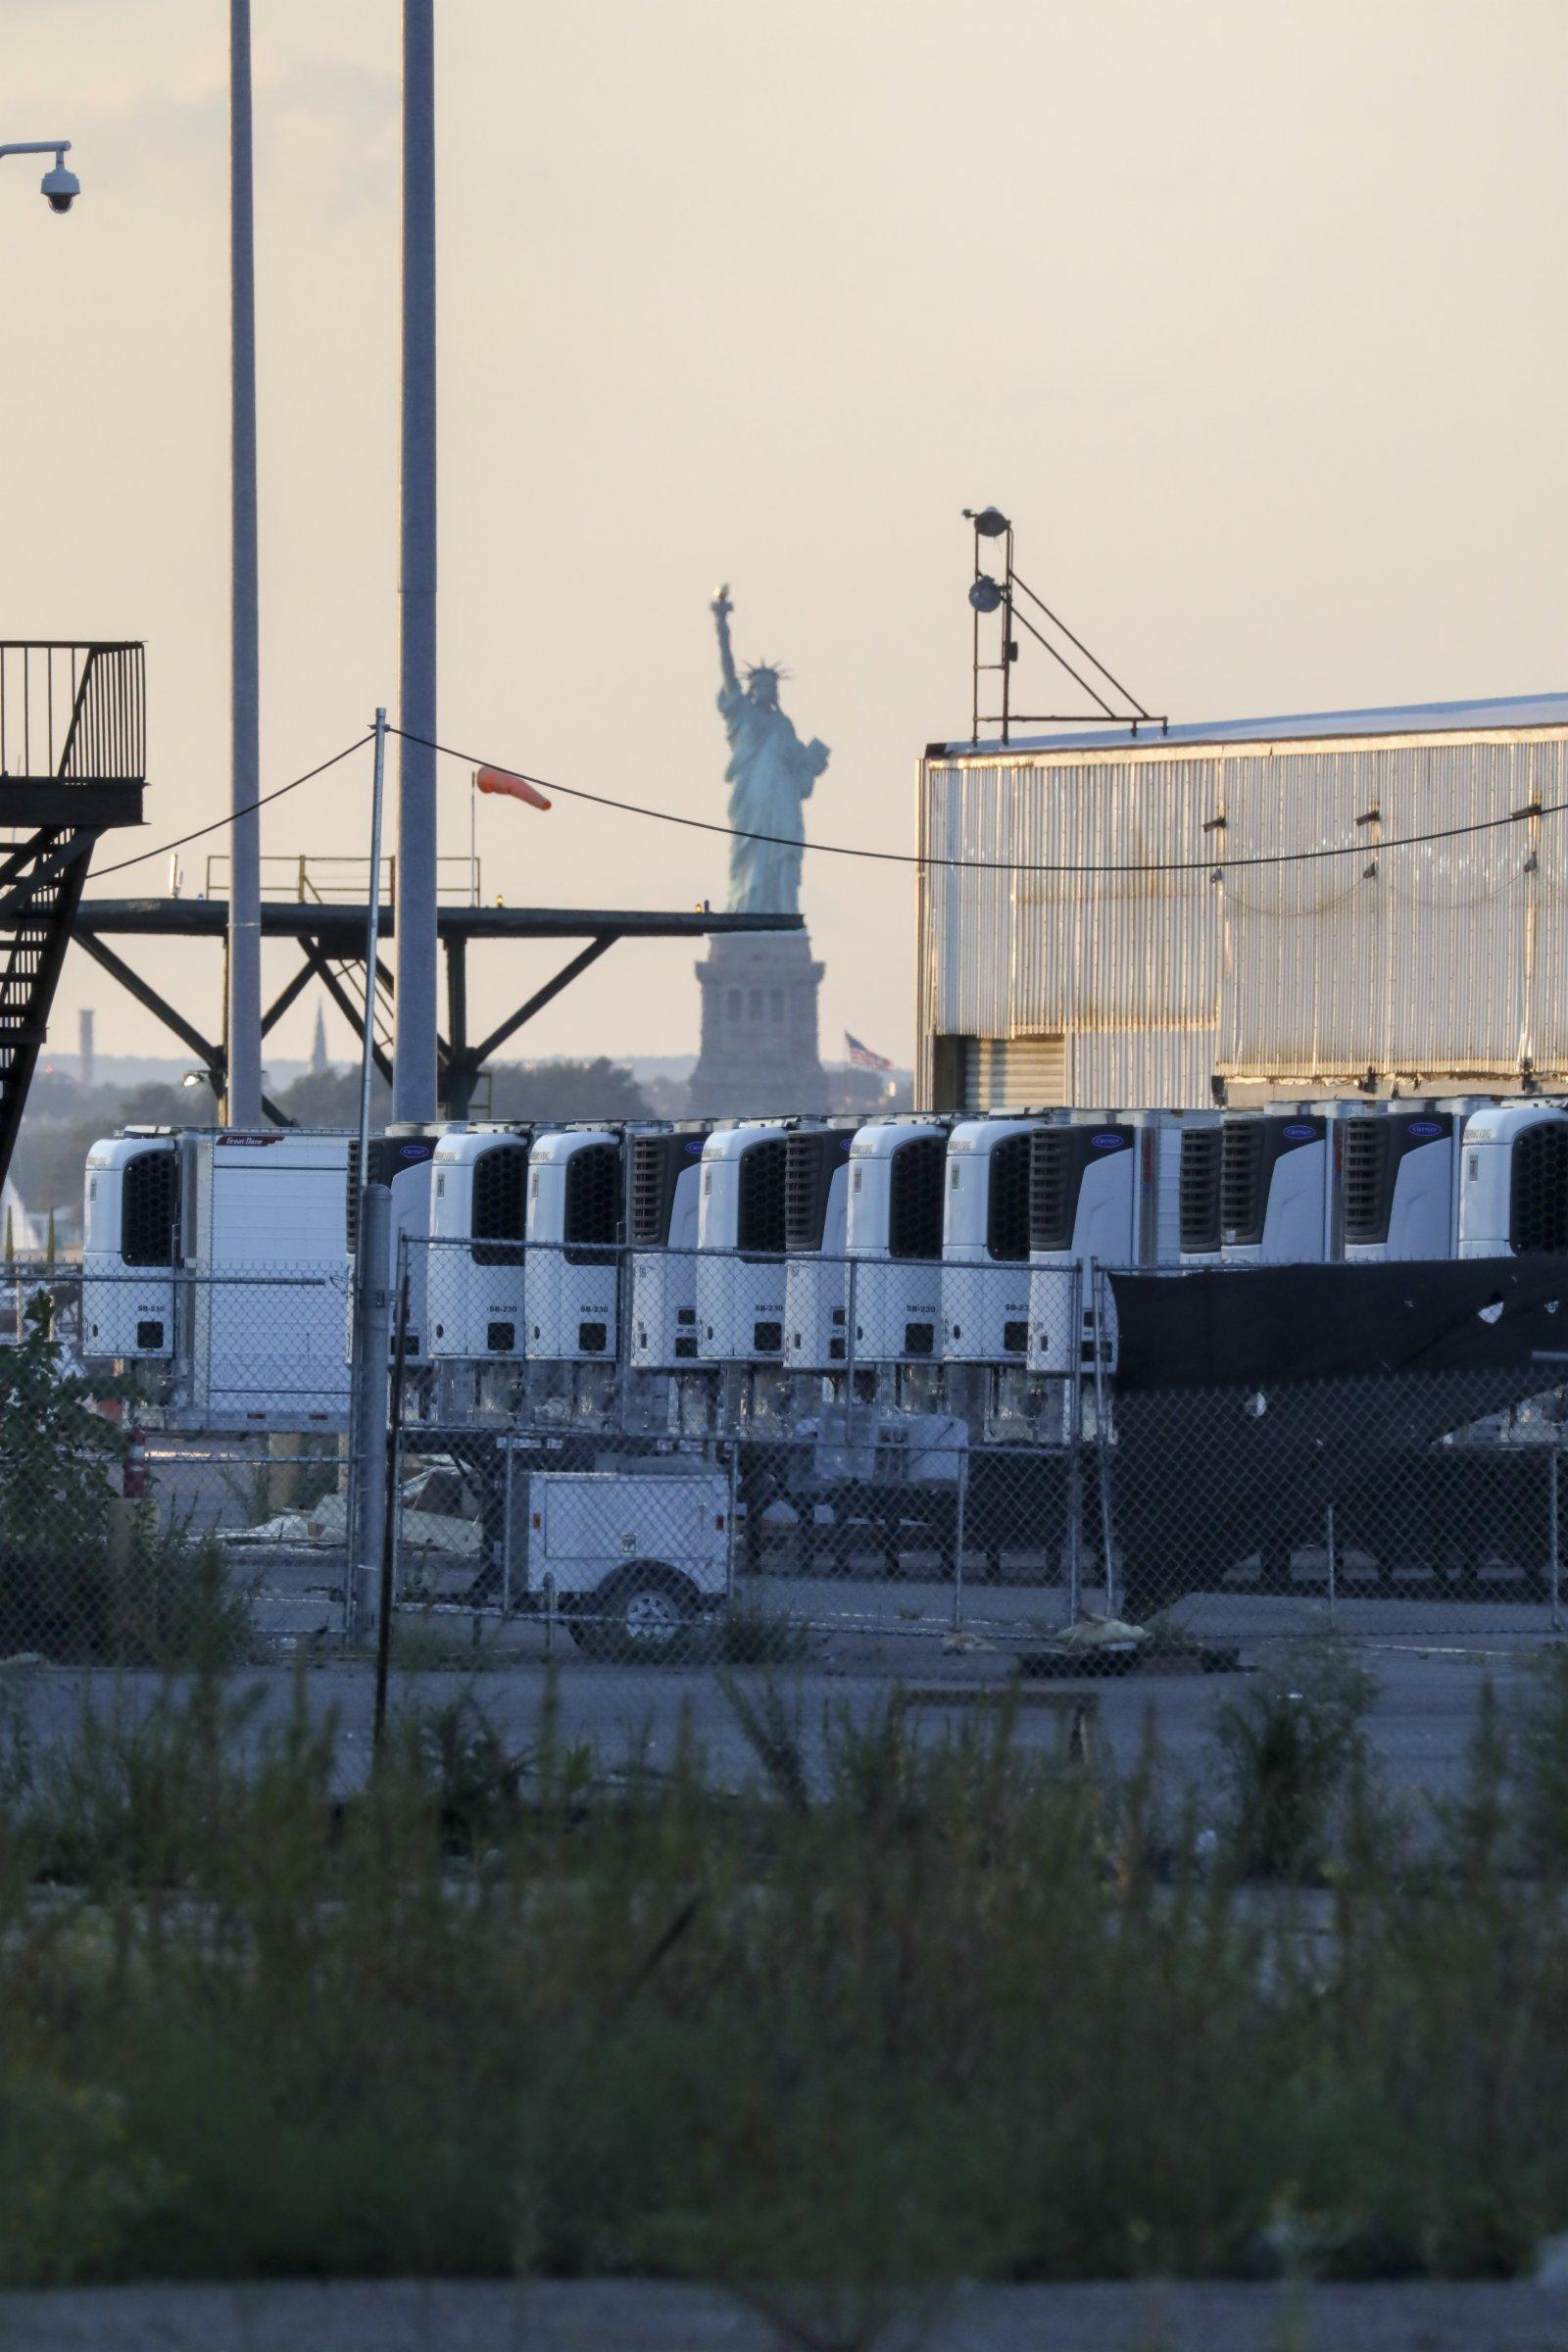 這是9月6日在美國紐約布魯克林拍攝的一處臨時停屍場內存放新冠患者遺體的冷藏車。(新華社)